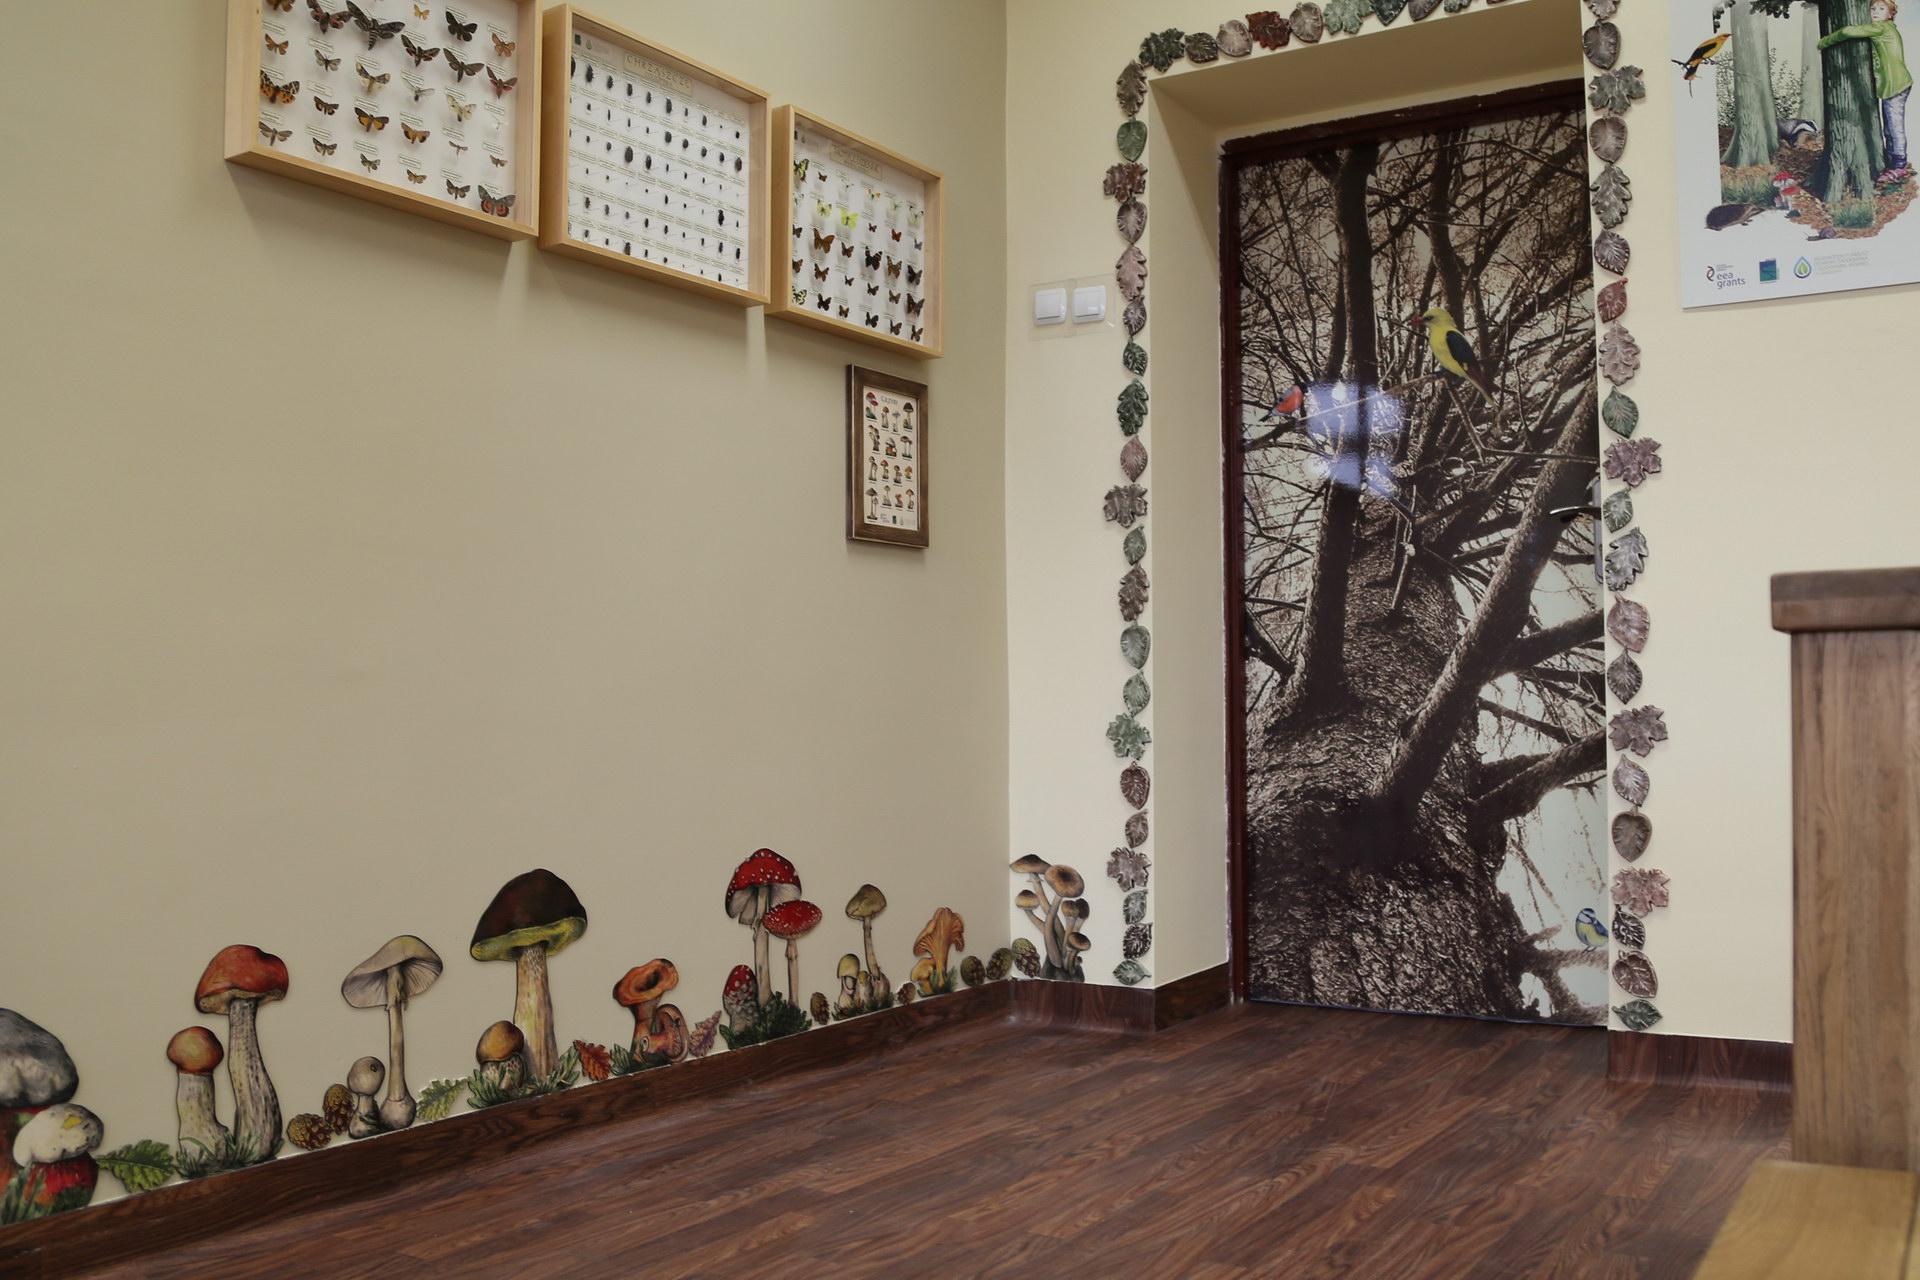 Izby edukacyjne lesne - sale przyrodnicze, wystroj wnetrz - ZS Grzmiaca (1)